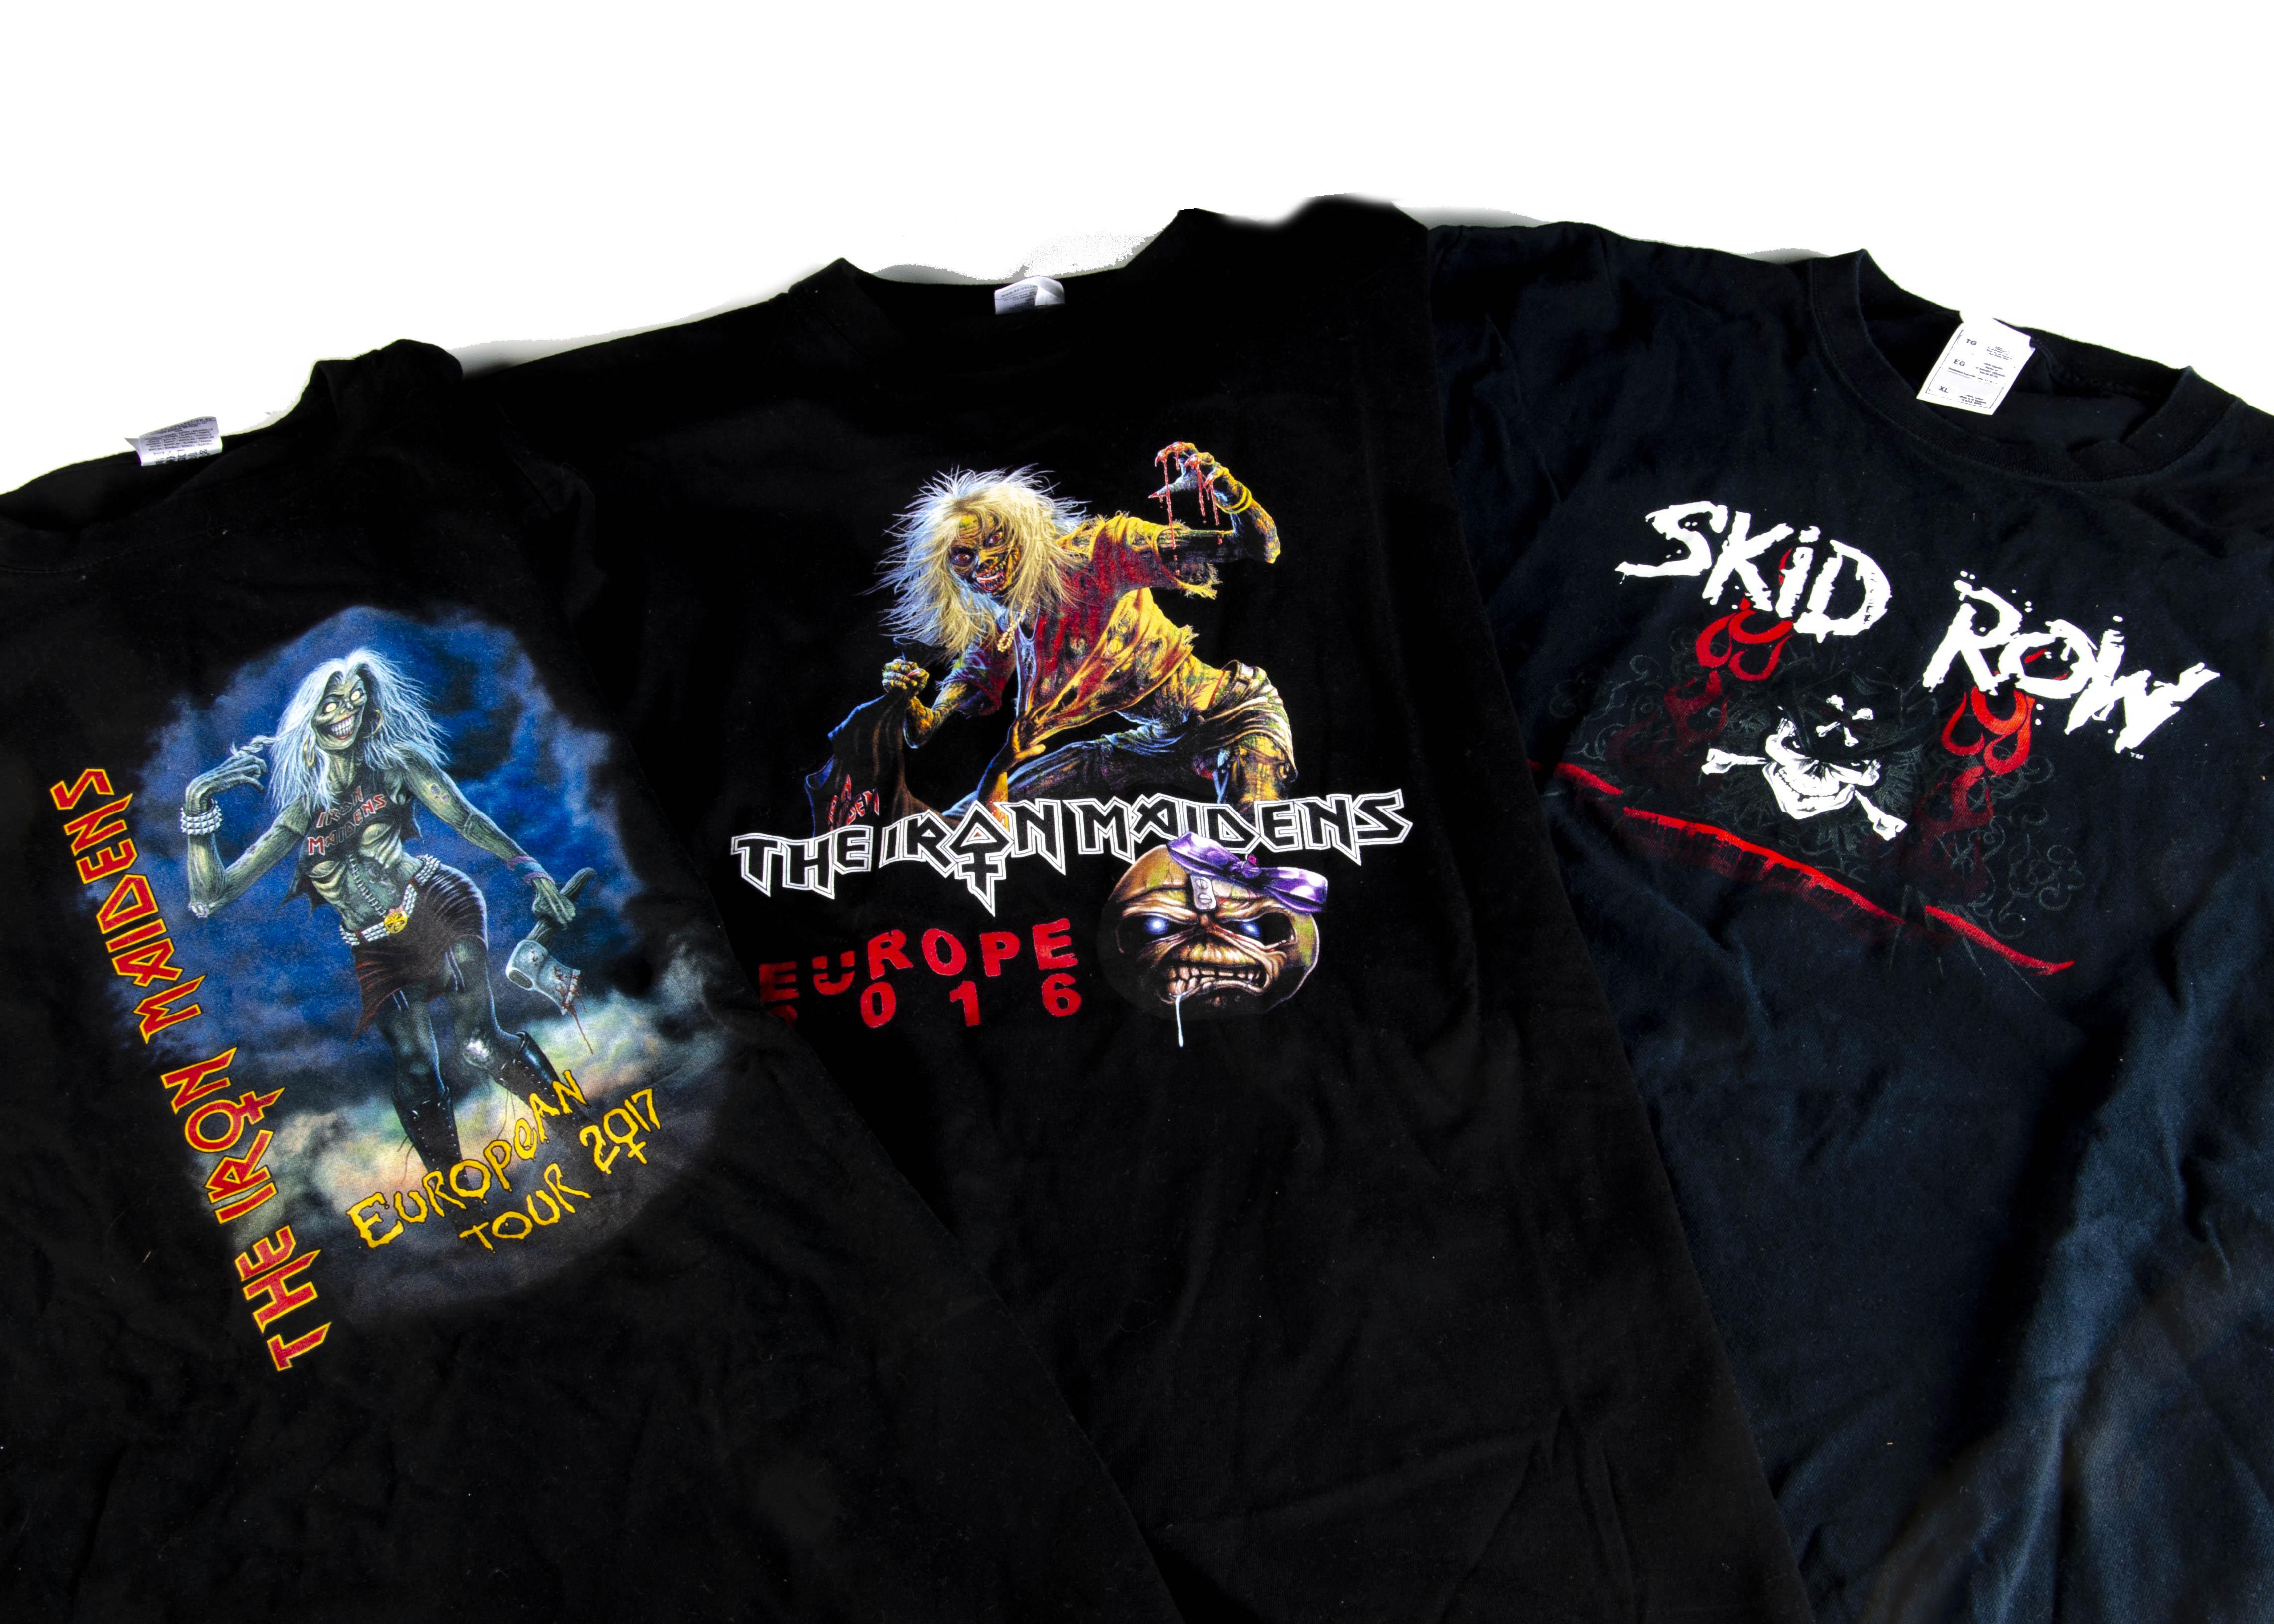 Iron Maiden Eddie 'T' Shirt, Iron Maiden 'T' shirt - Eddie's Bar 1989 blue shirt to reverse 'Eddie's - Image 4 of 5